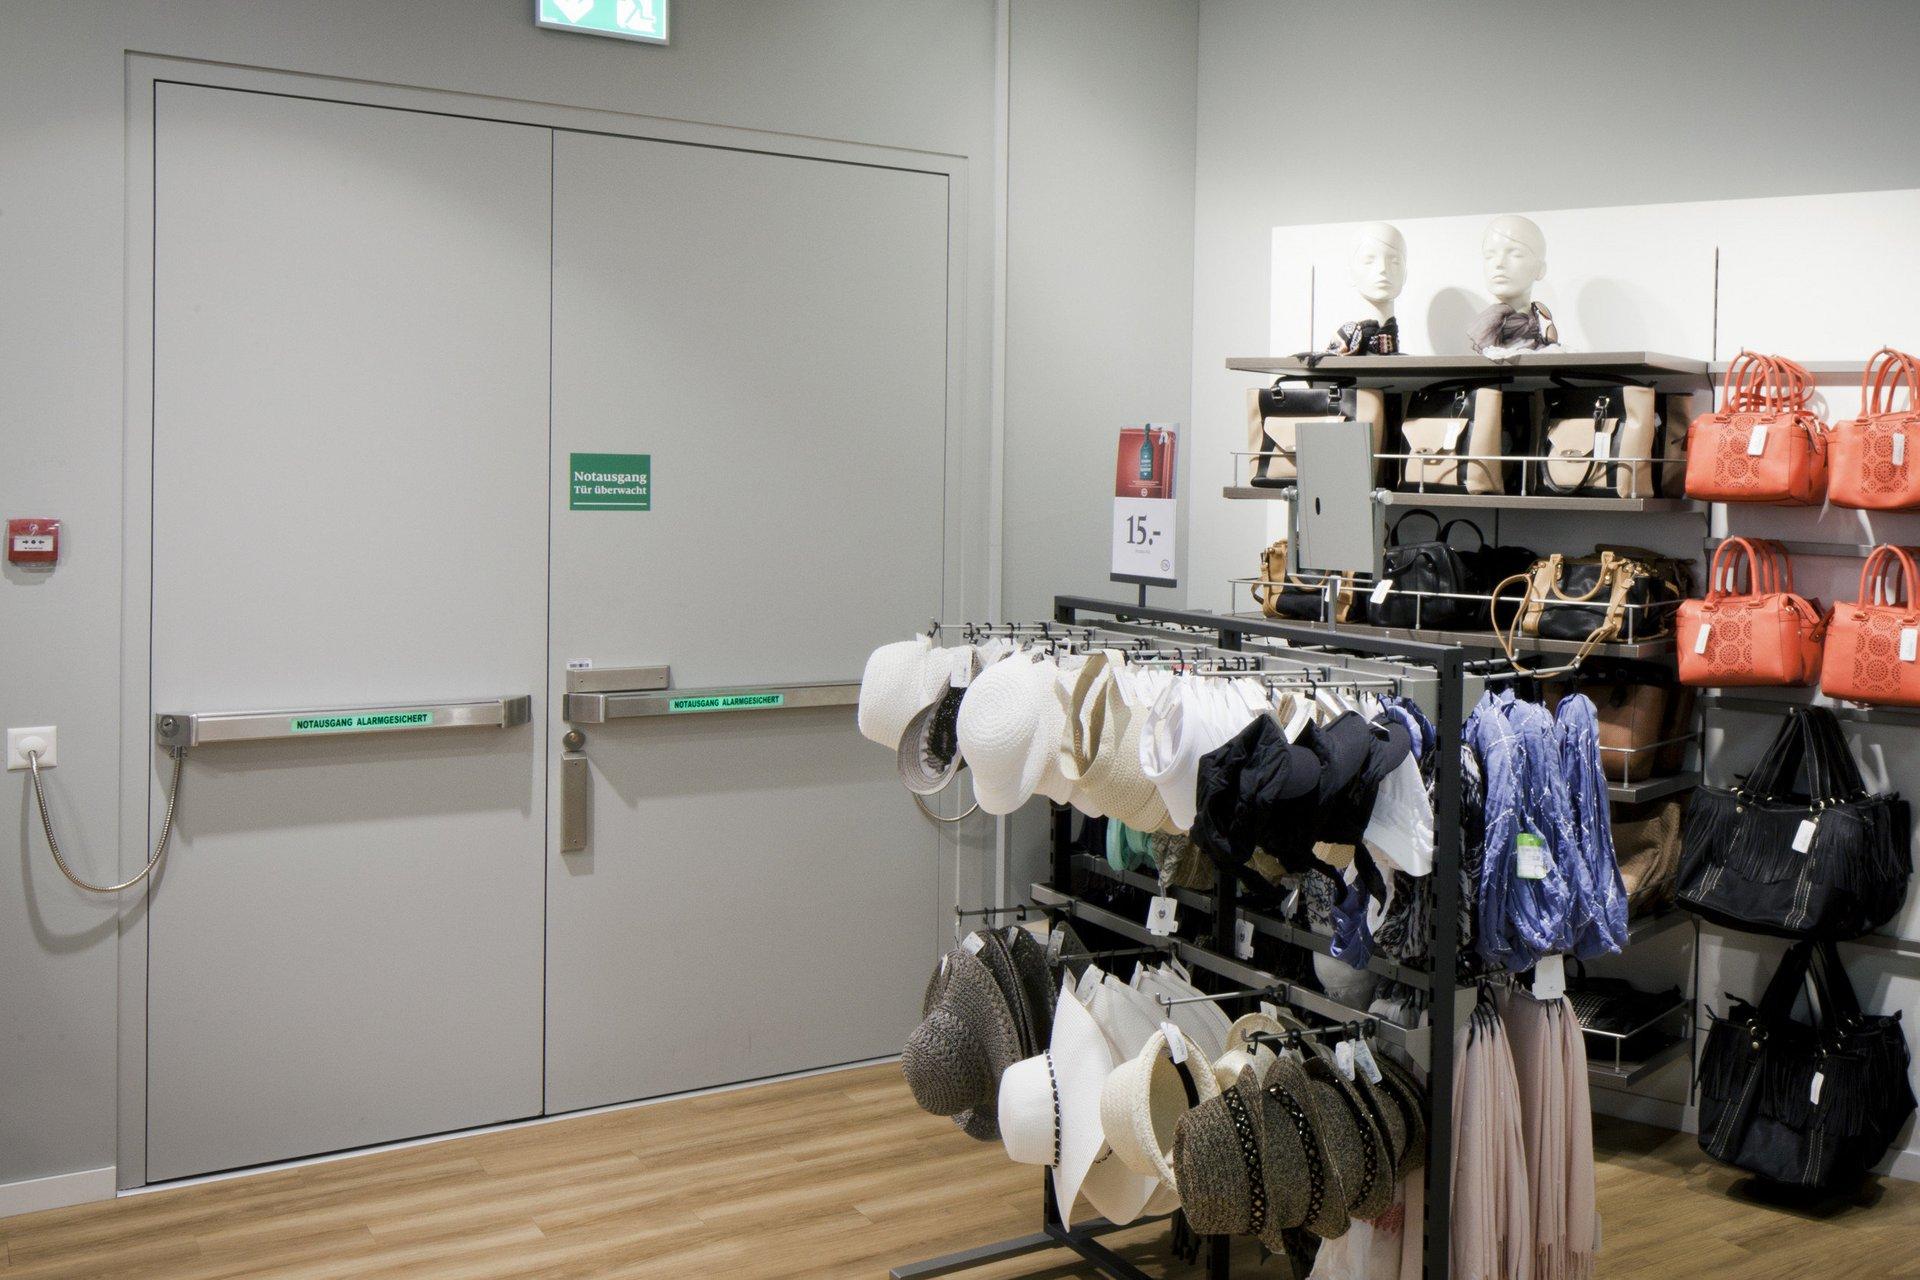 Zweiflügelige Brandschutztür in grau in einem Shop neben Taschen und Hüte